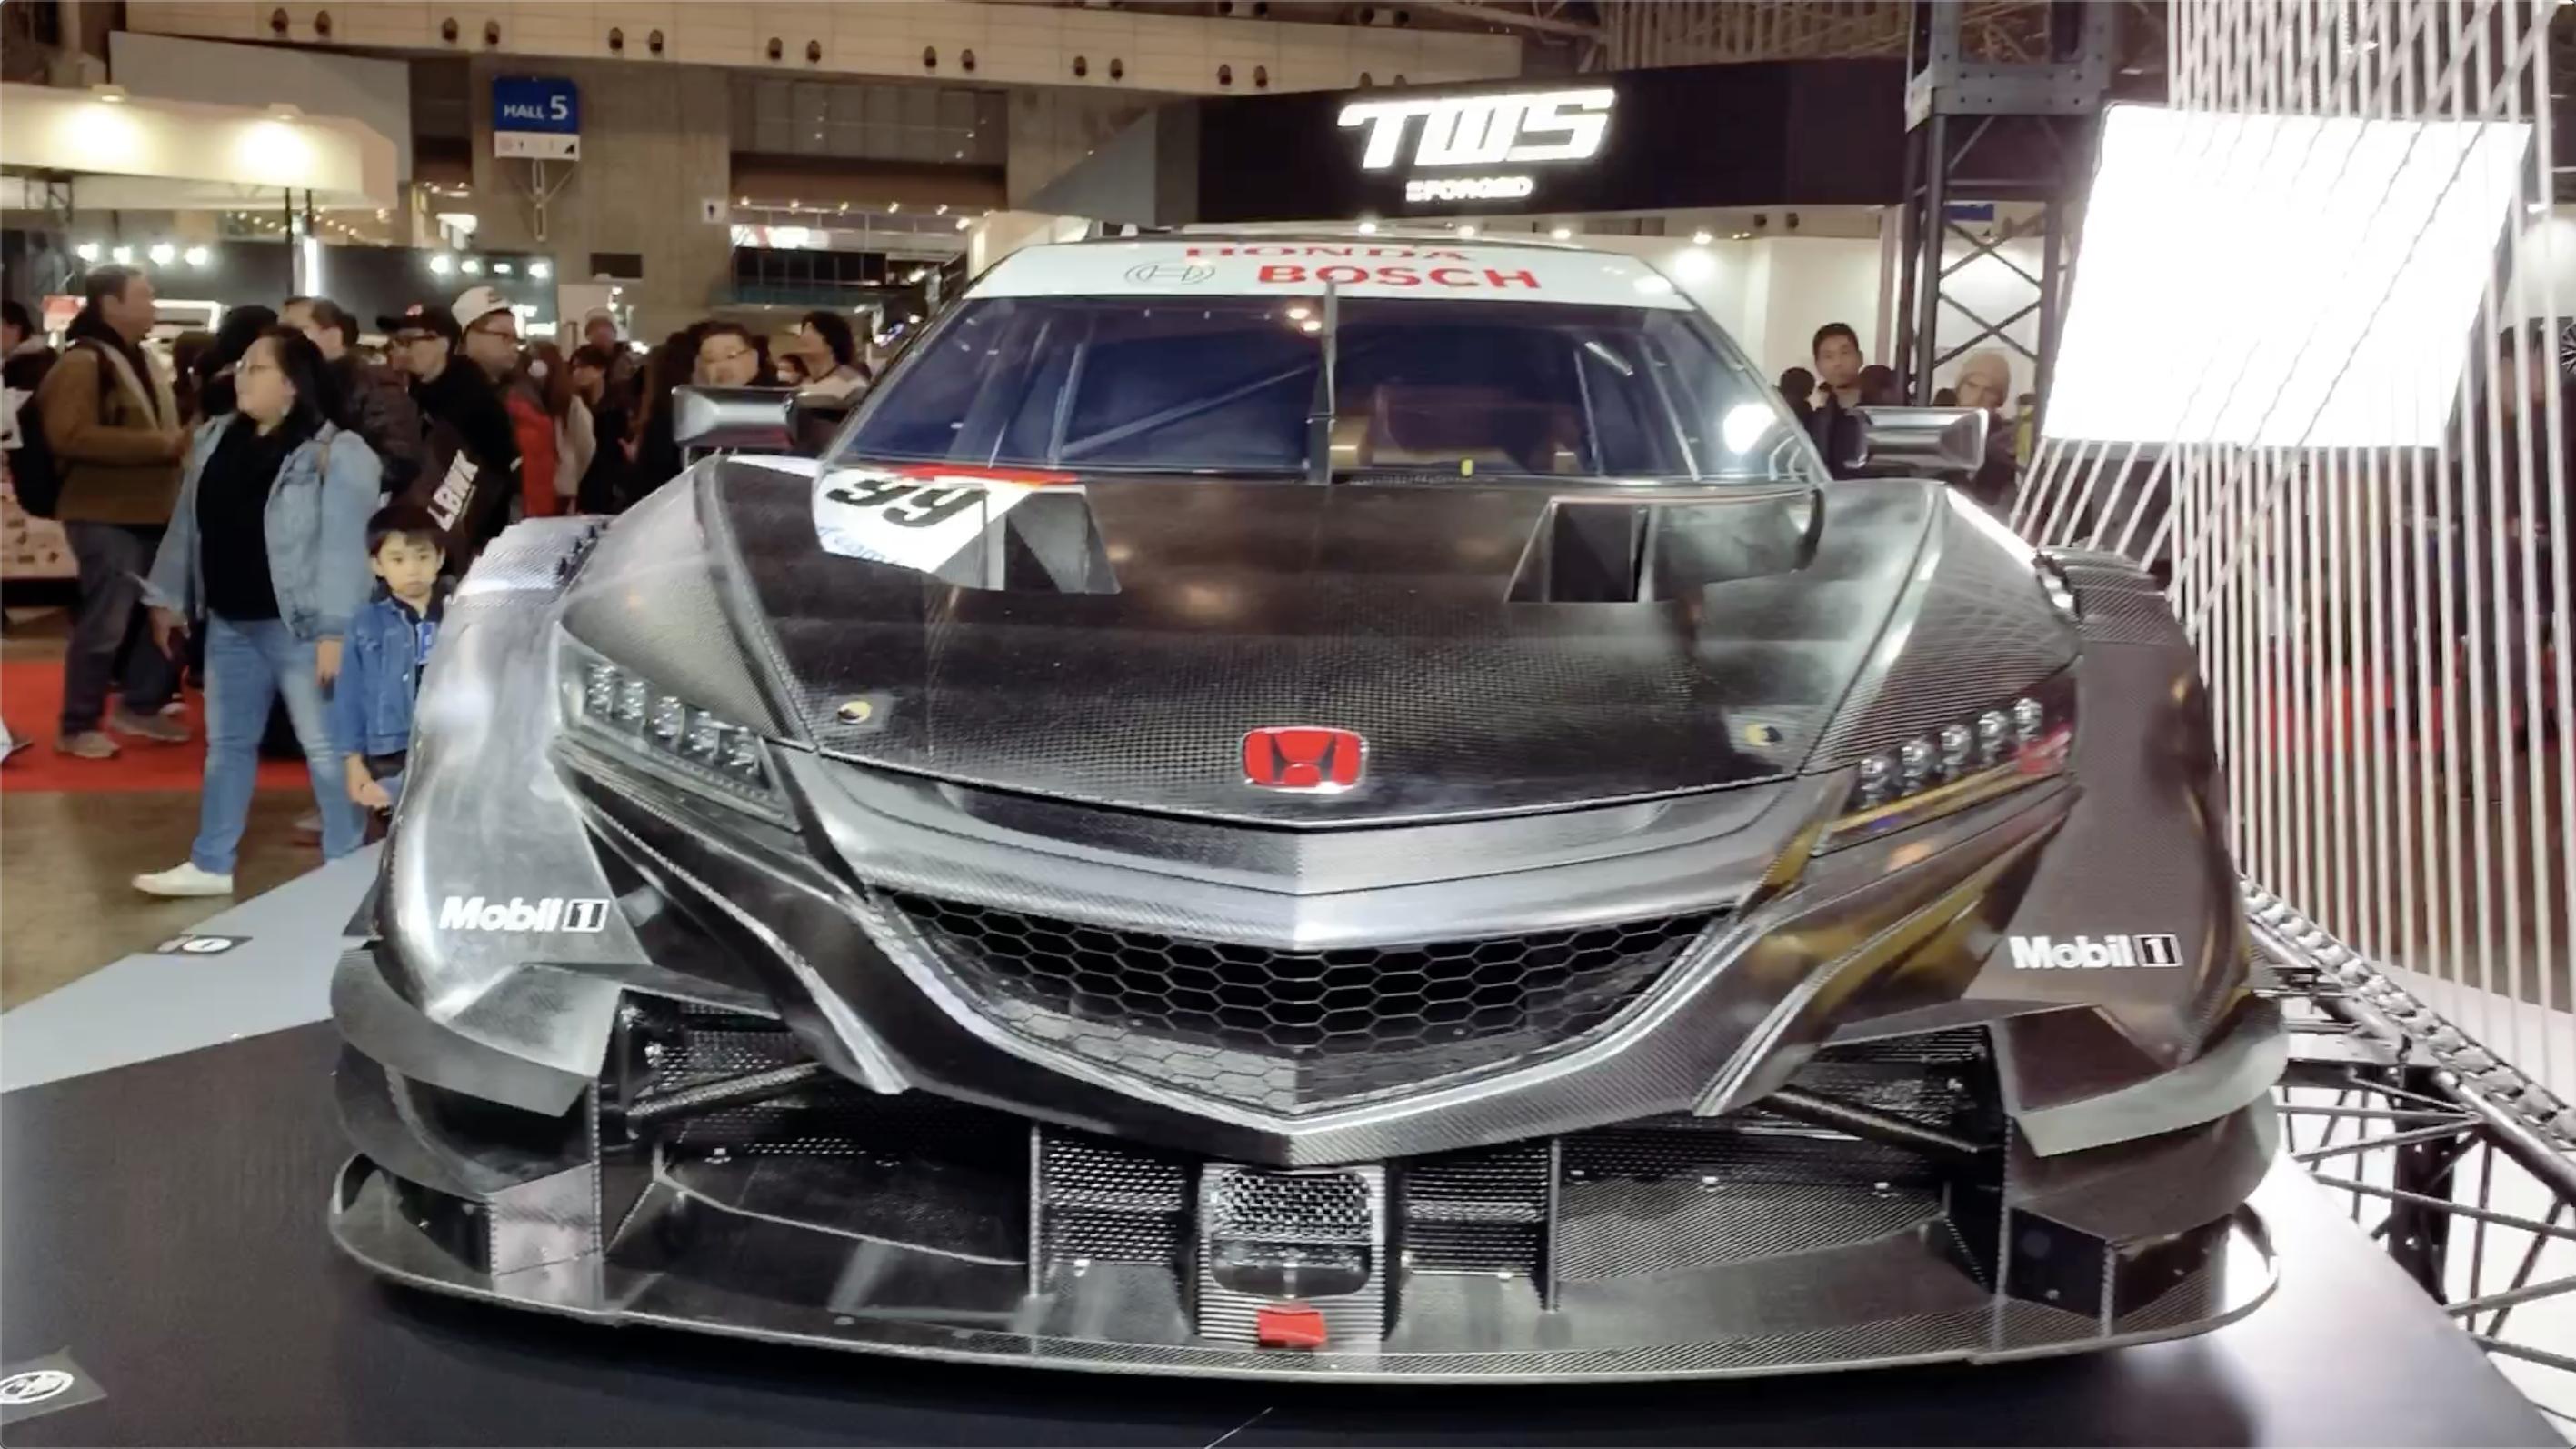 【展場直擊】Ming Ming帶你看2020東京改裝車展!